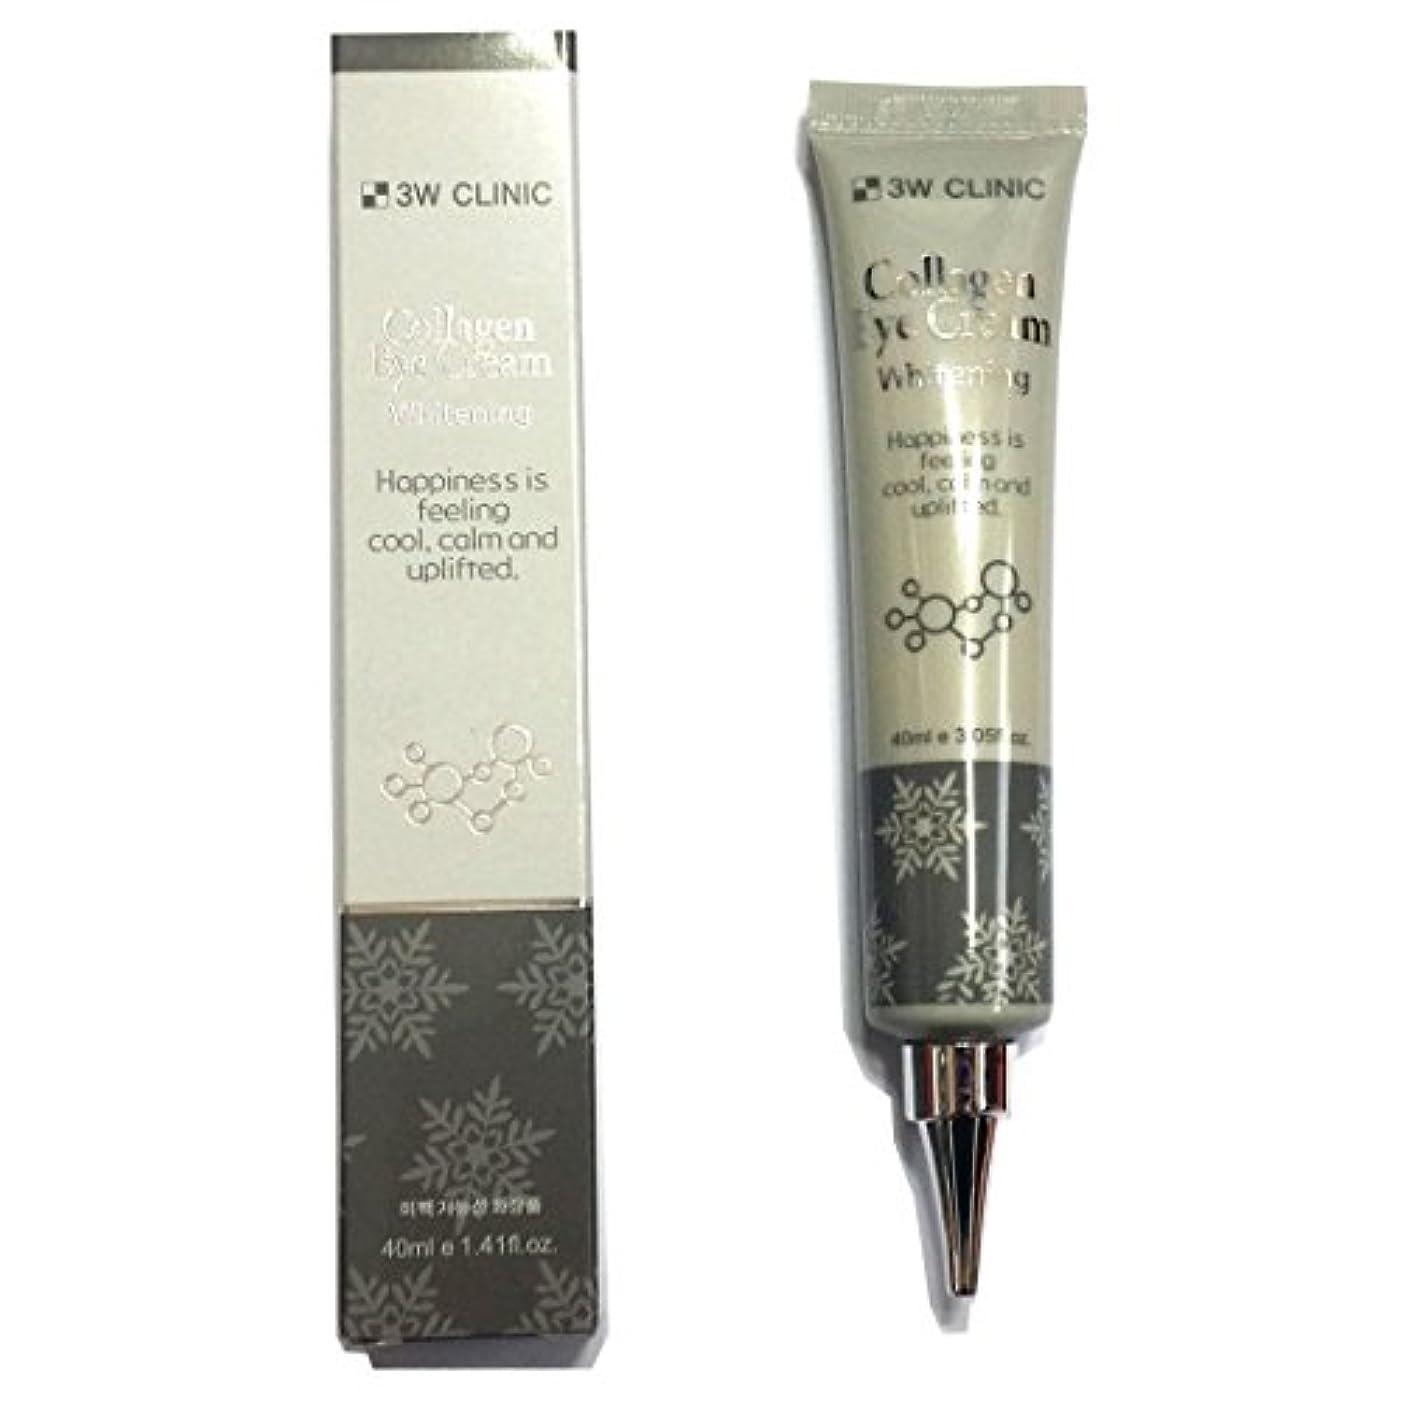 仲介者毎年知り合い[3W CLINIC] コラーゲンアイクリームホワイトニング40ml X 1ea / Collagen Eye Cream Whitening 40ml X 1ea / しっとりしっとり / Anti wrinkles, moist / 韓国化粧品 / Korean Cosmetics [並行輸入品]